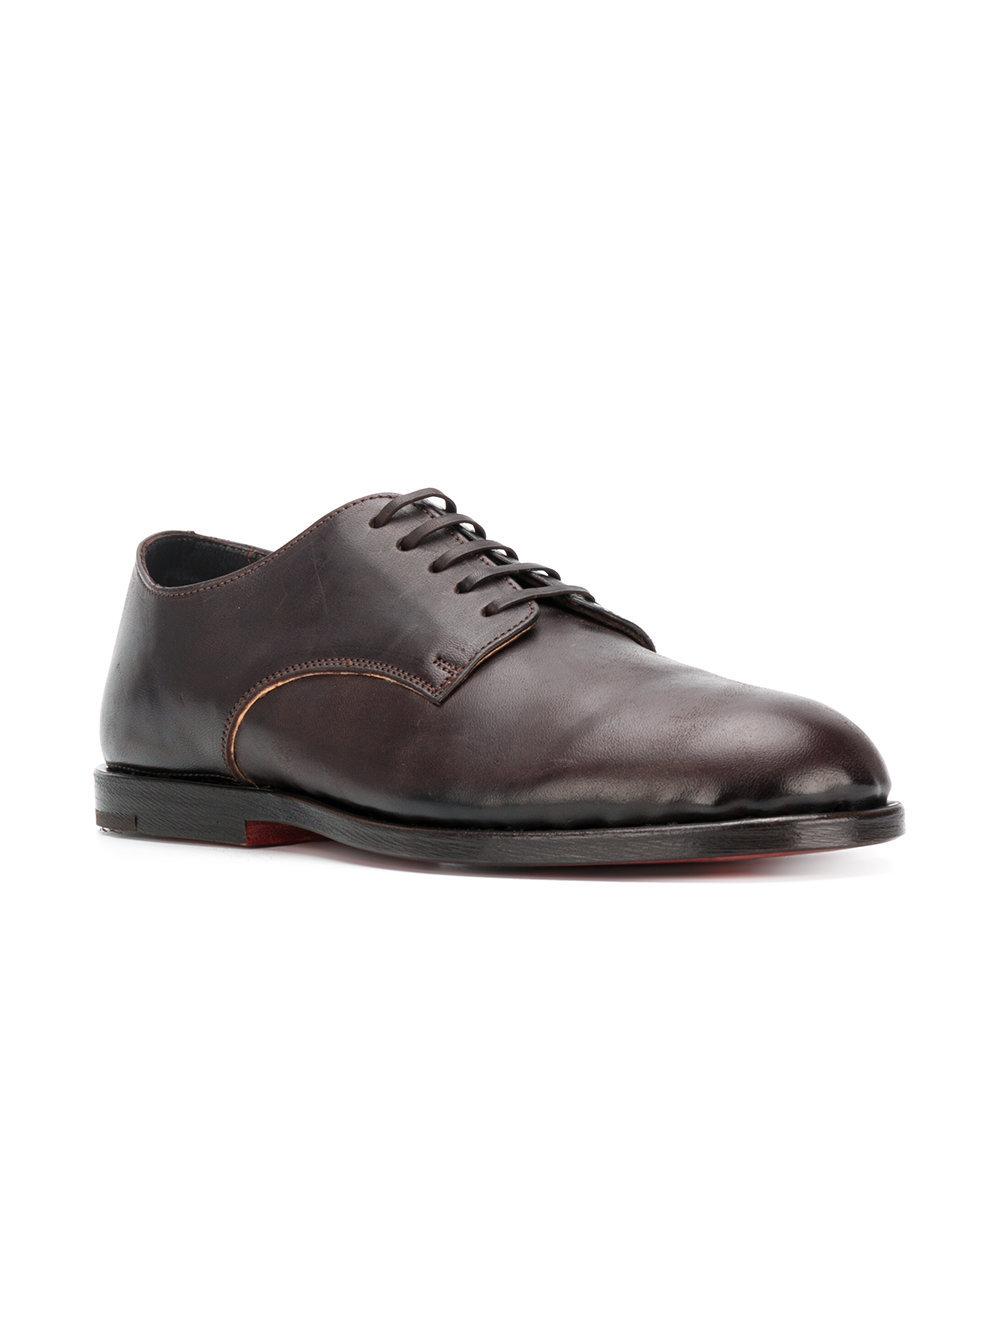 Zapatos derby de cuero en marrón oscuro de Measponte